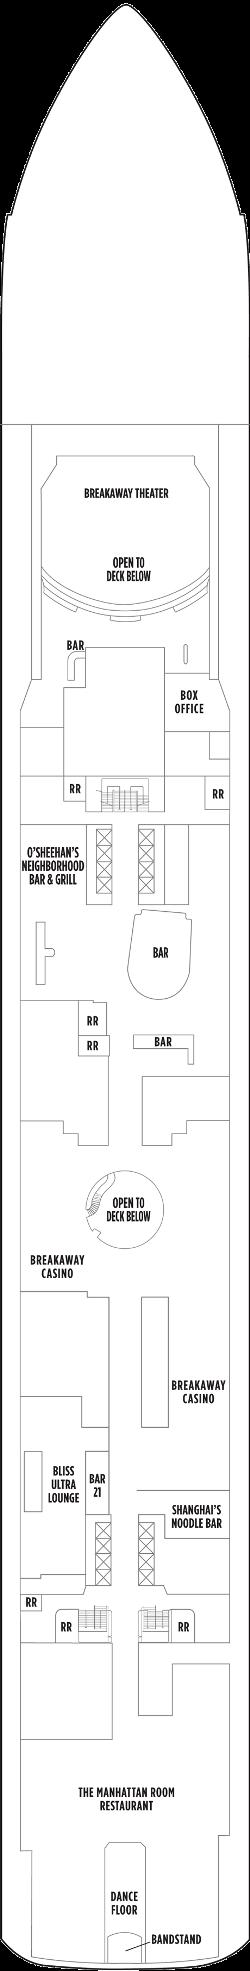 Norwegian Getaway Deck 7: Deck 7